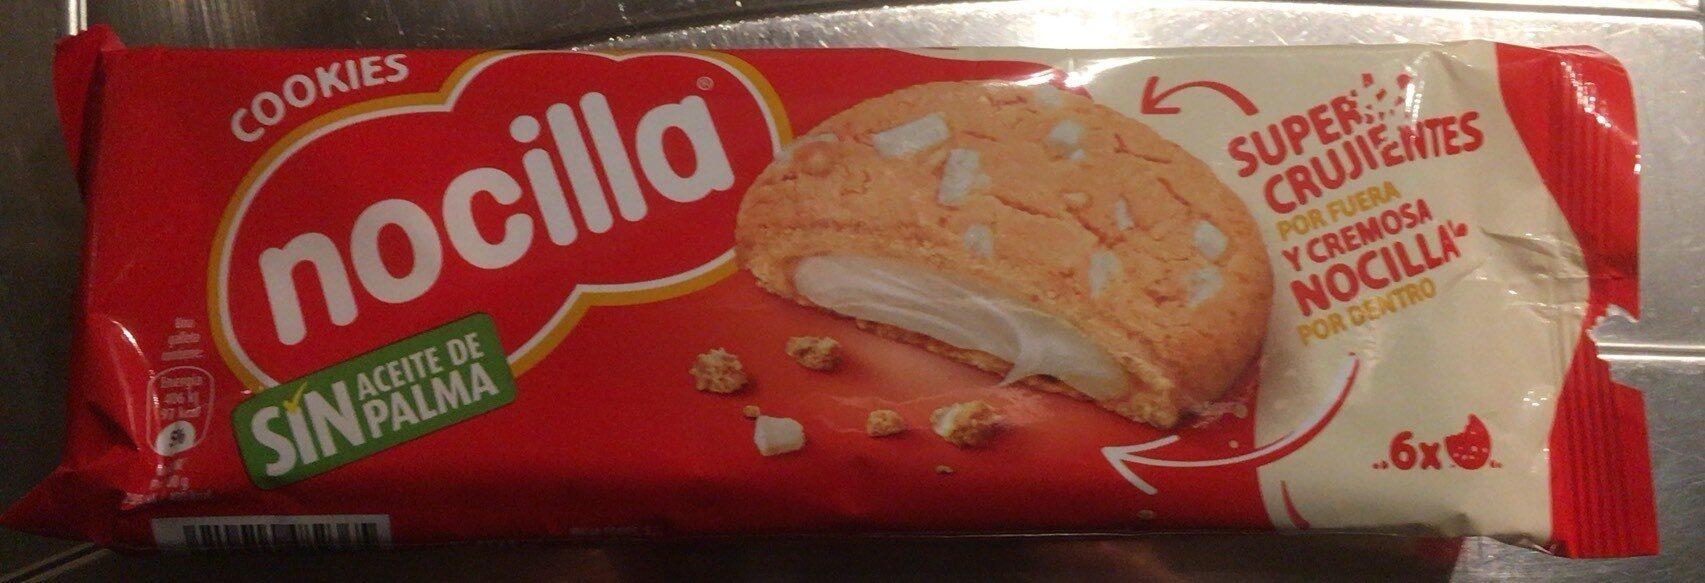 Cookies Nocilla - Prodotto - es